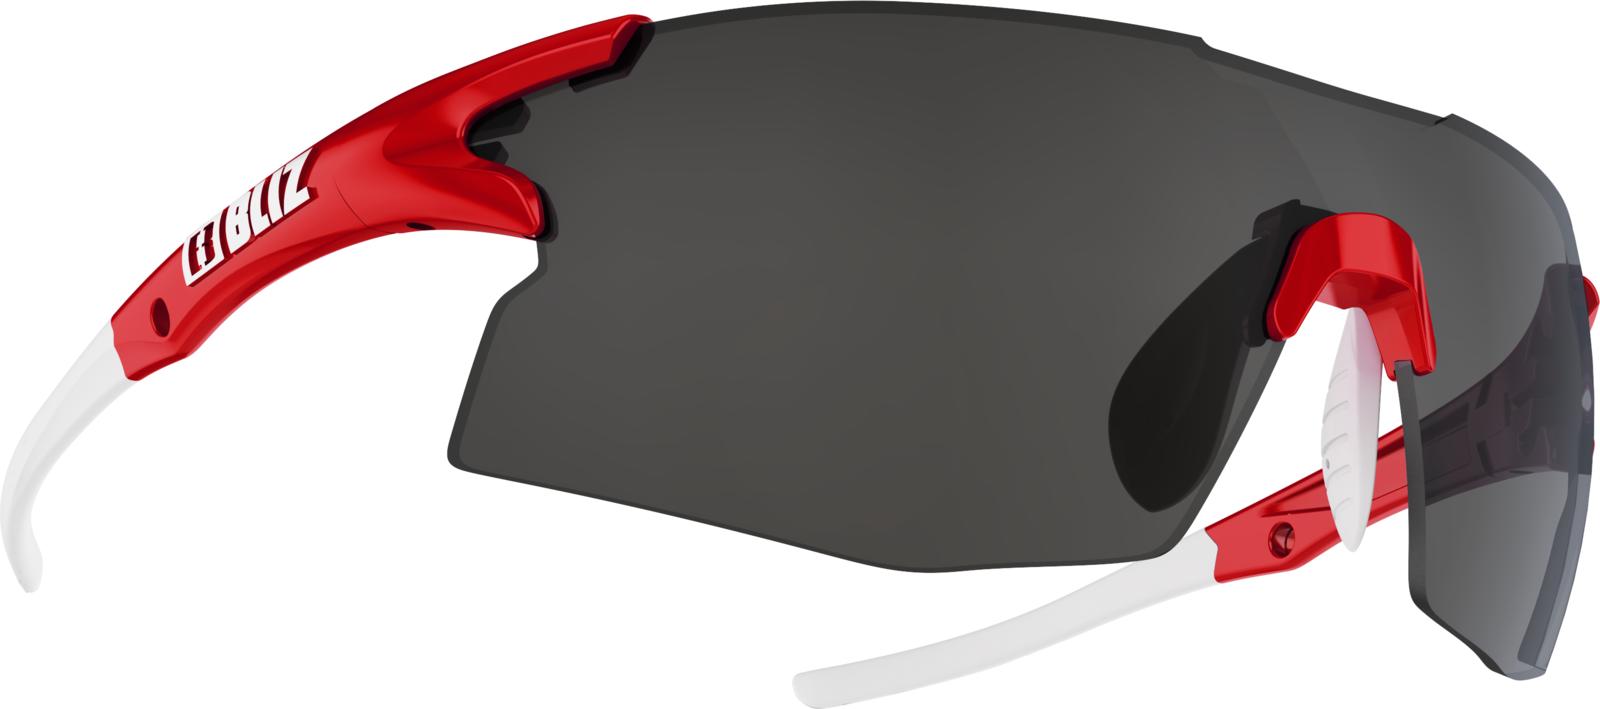 цена Очки спортивные Bliz Tempo, для беговых лыж, велоспорта, цвет: красный онлайн в 2017 году